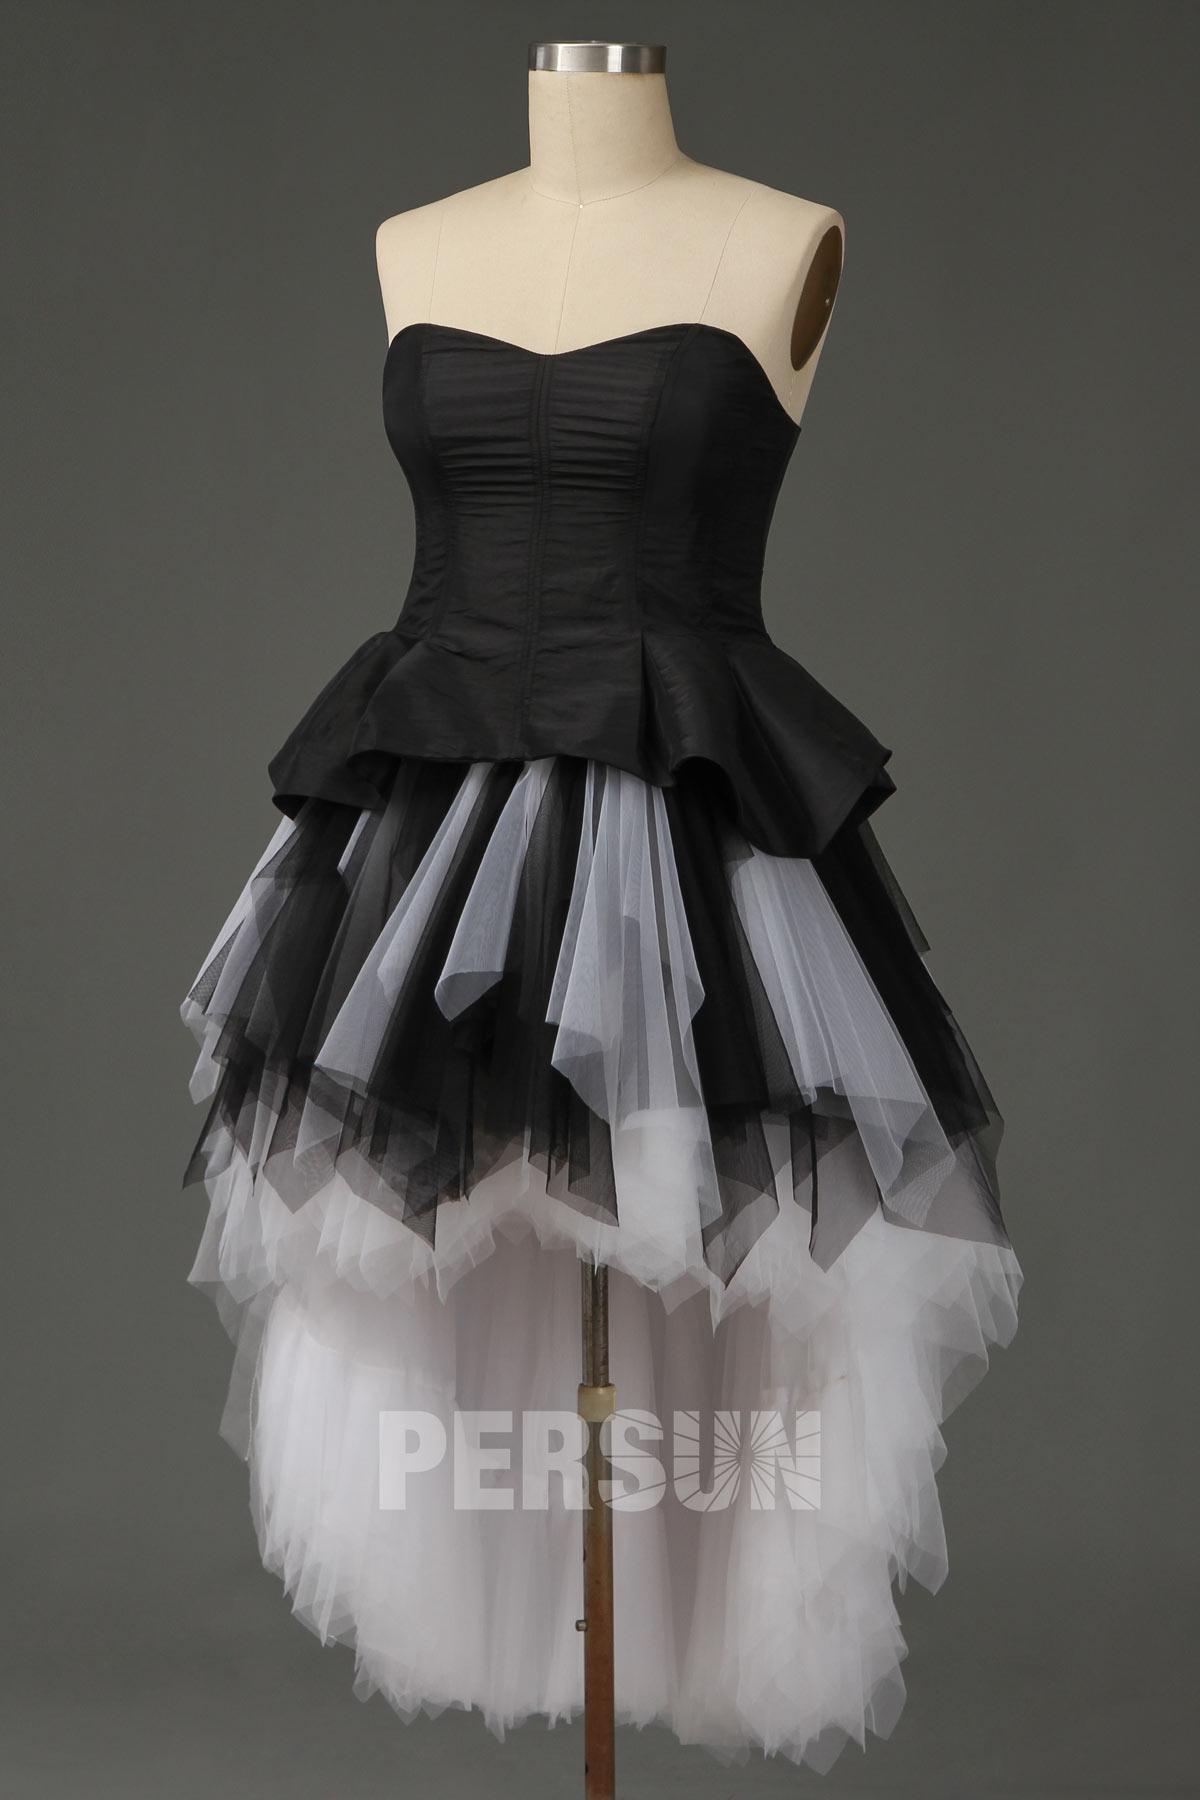 robe de bal rock noire & blanche bustier vague court devant long derrière